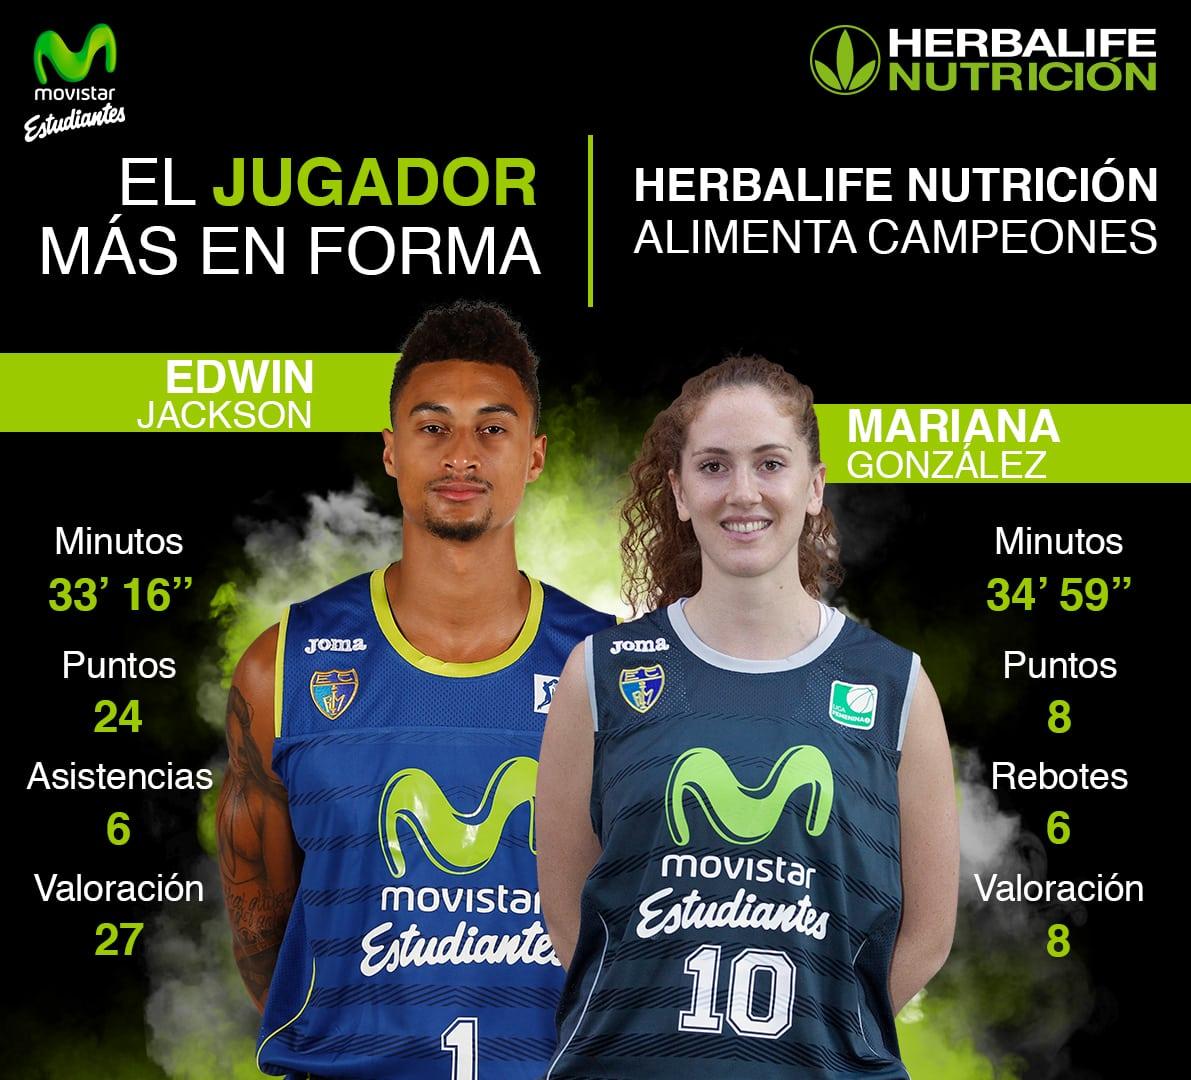 Herbalife presenta a los jugadores más en forma de la jornada: Edwin Jackson y Mariana González